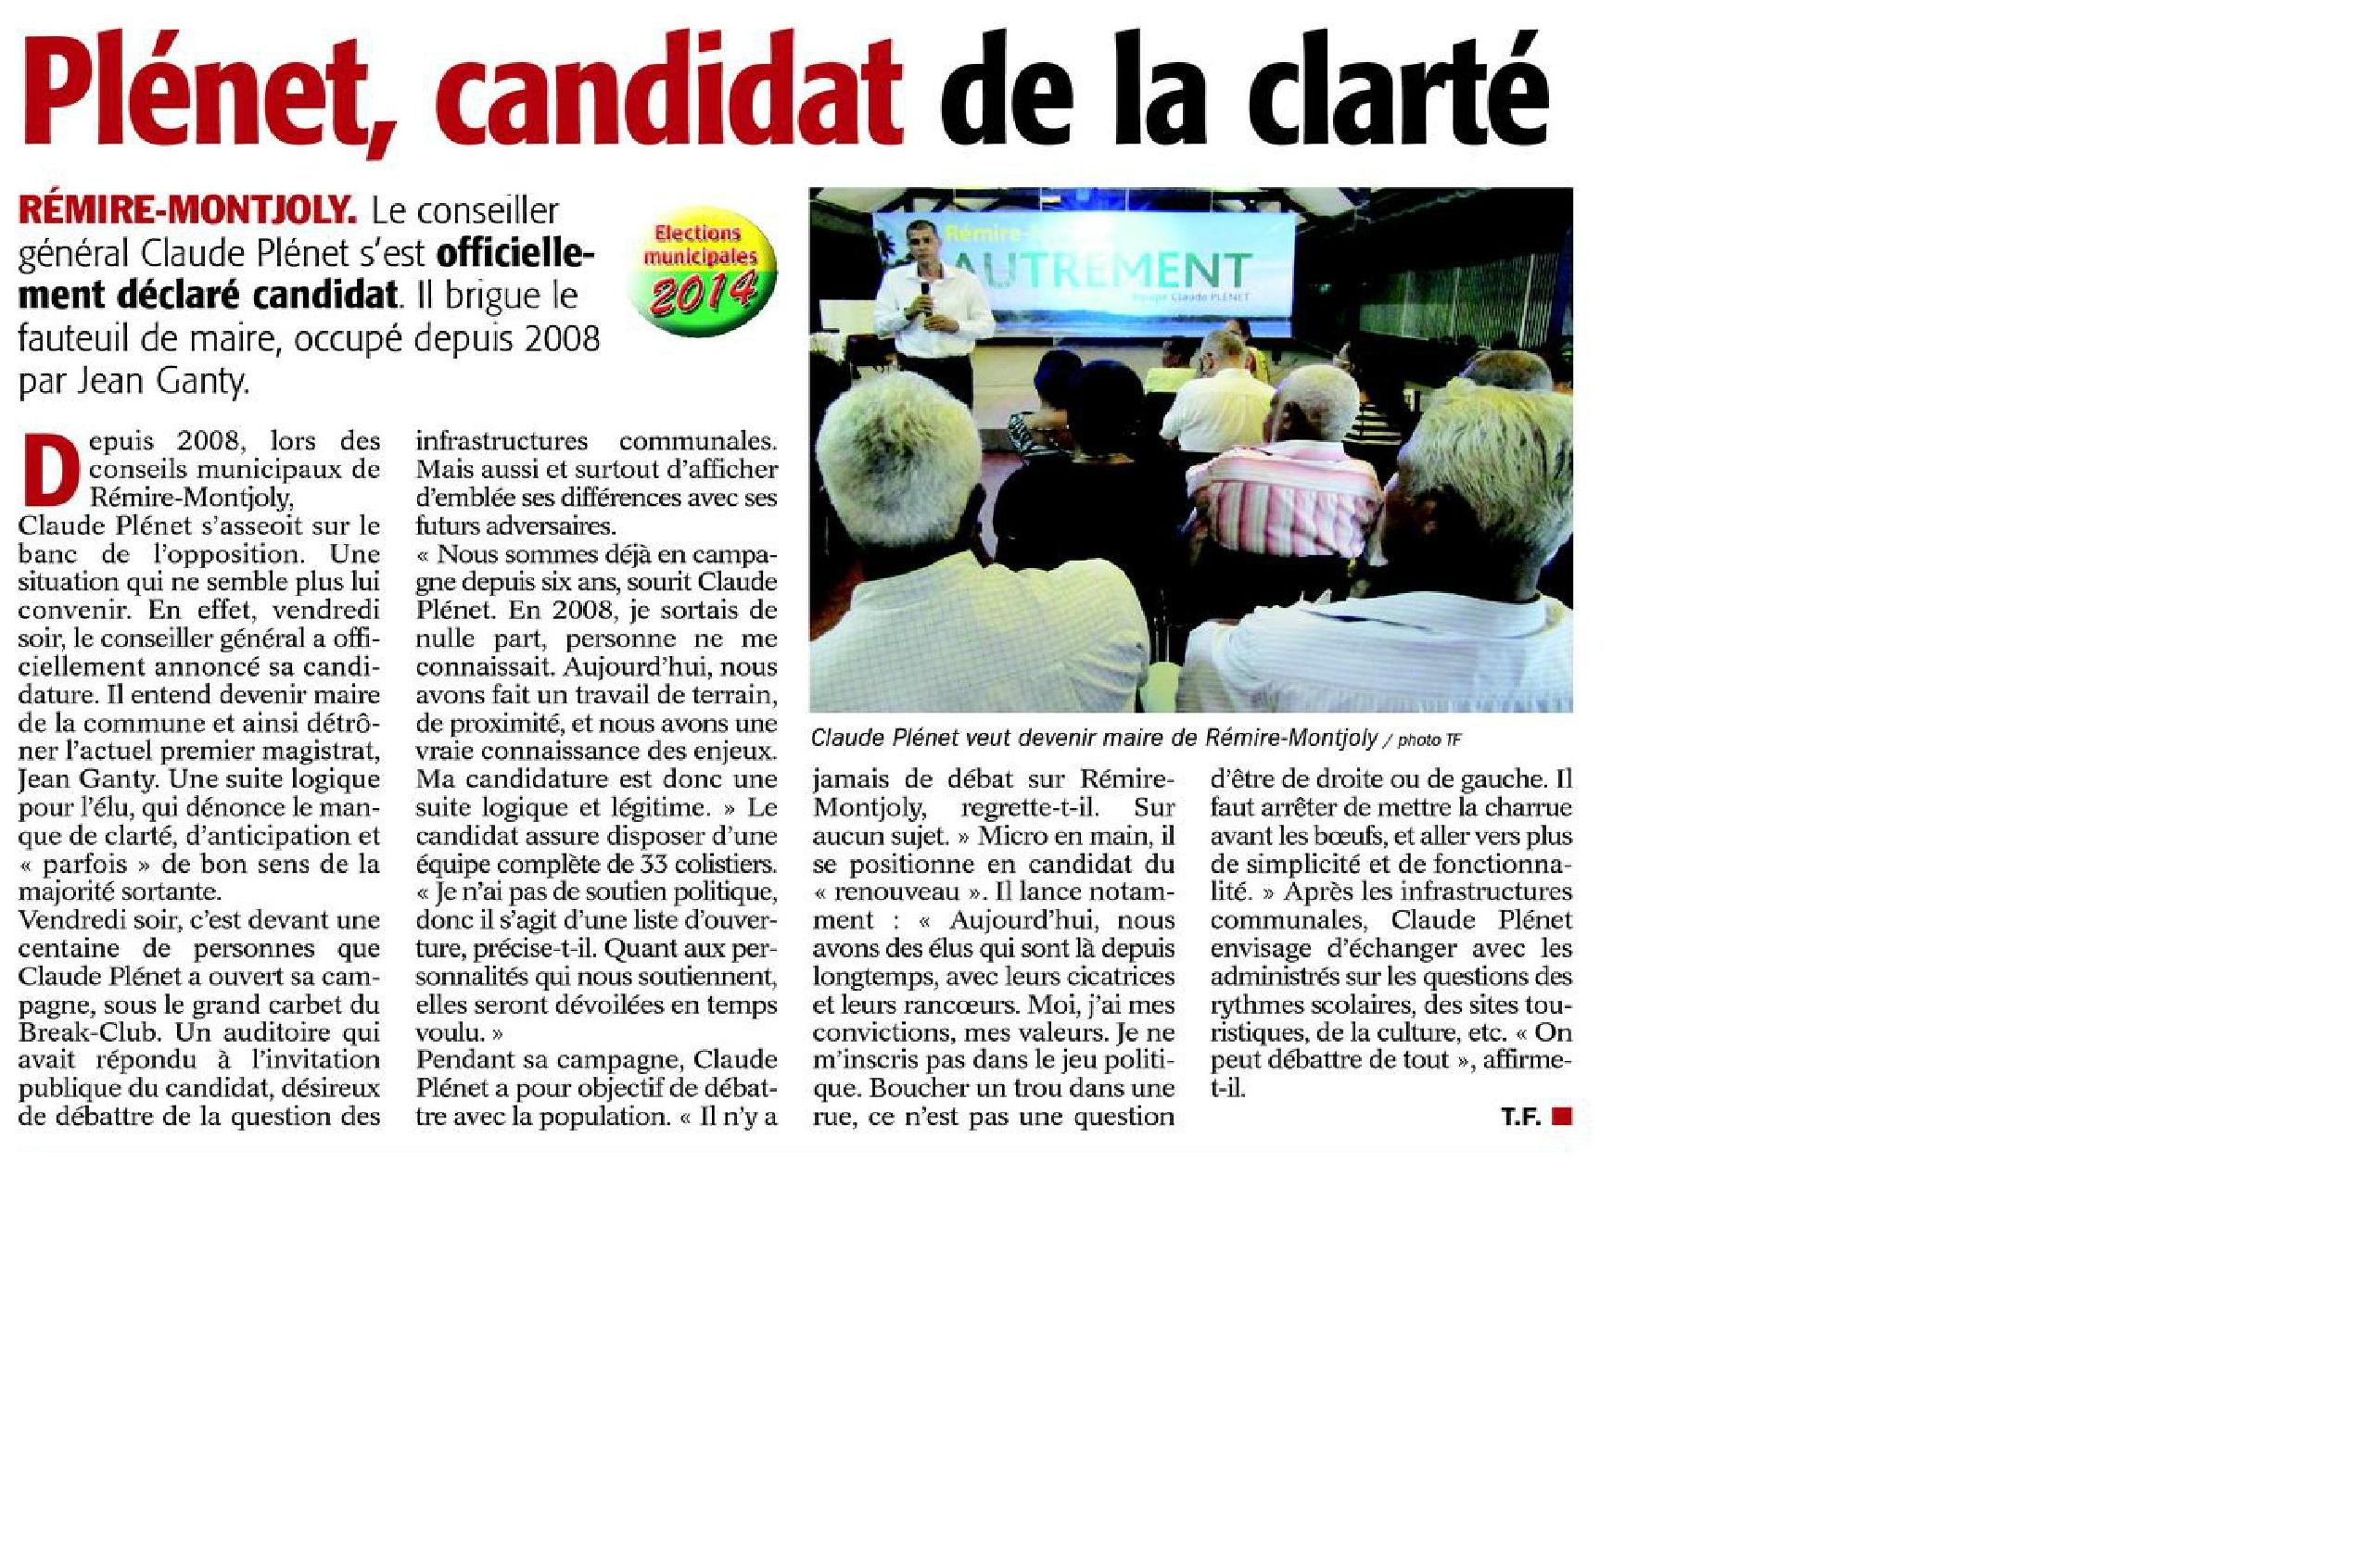 France guyane du 25 novembre 2013 pl net candidat de la for Chambre commerciale 13 novembre 2013